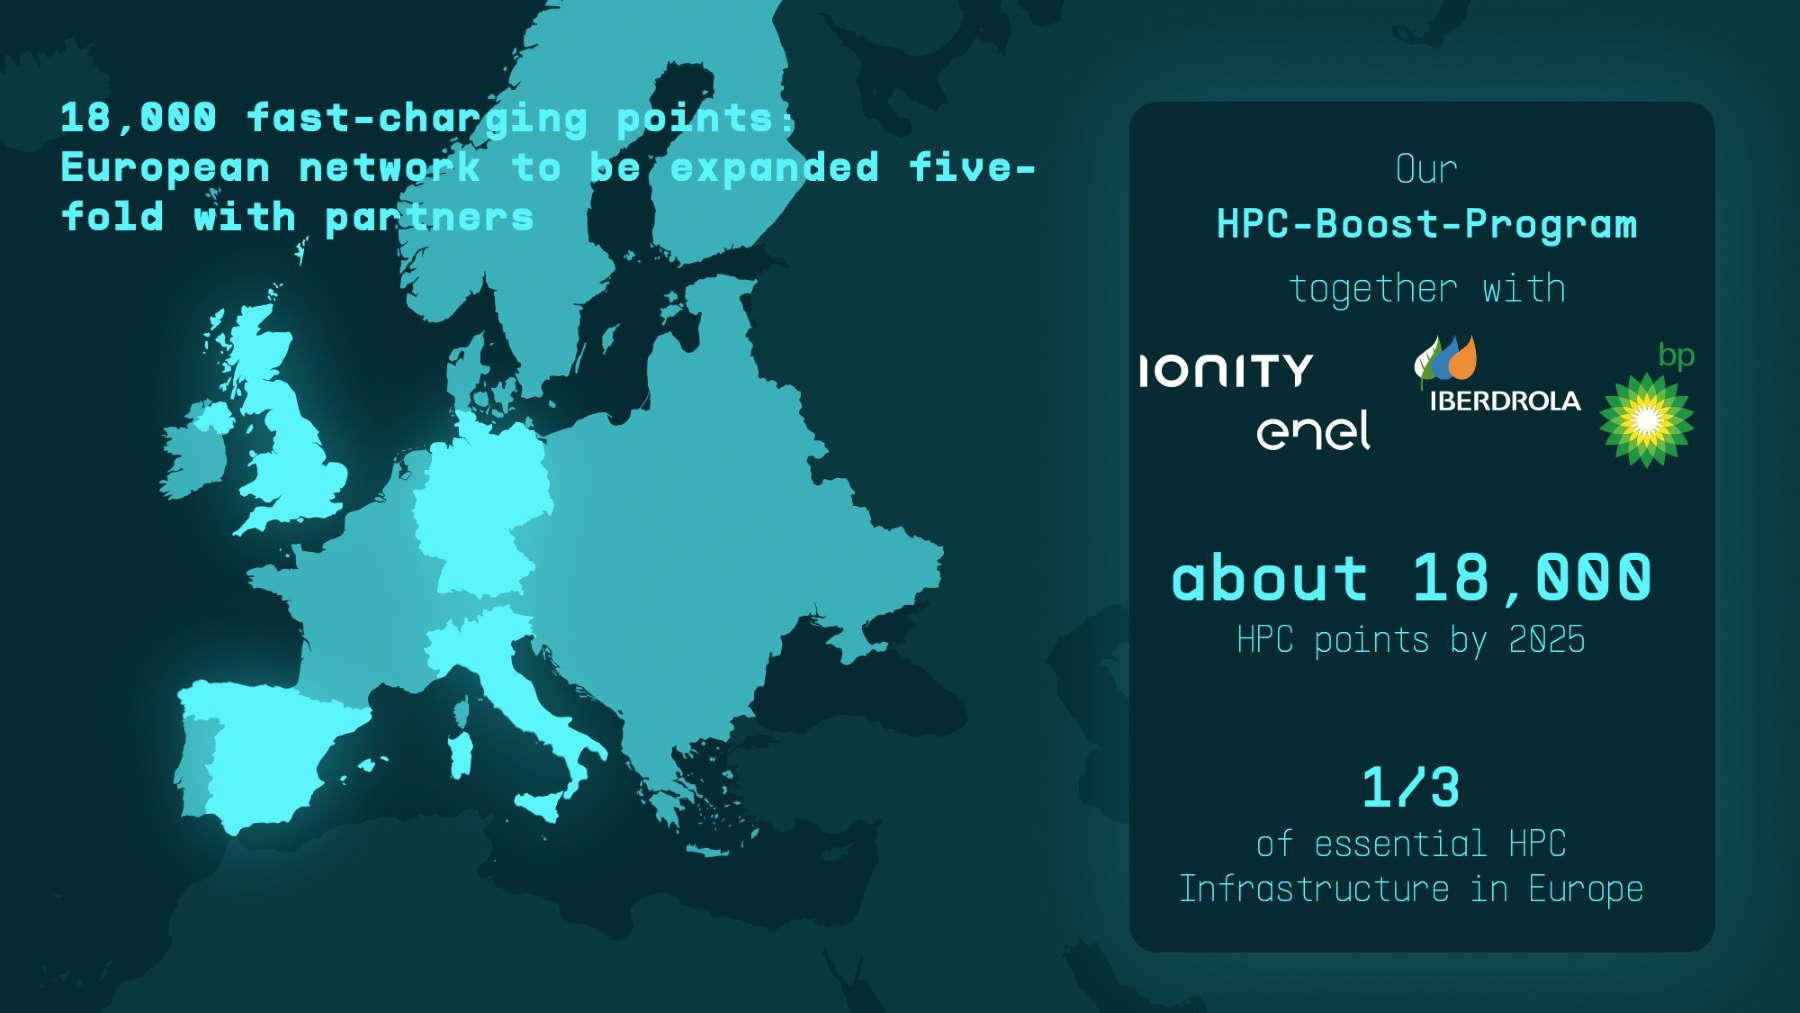 Infografica delle Alleanze di Volkswagen con le multiutility europee per incrementare la rete di colonnine